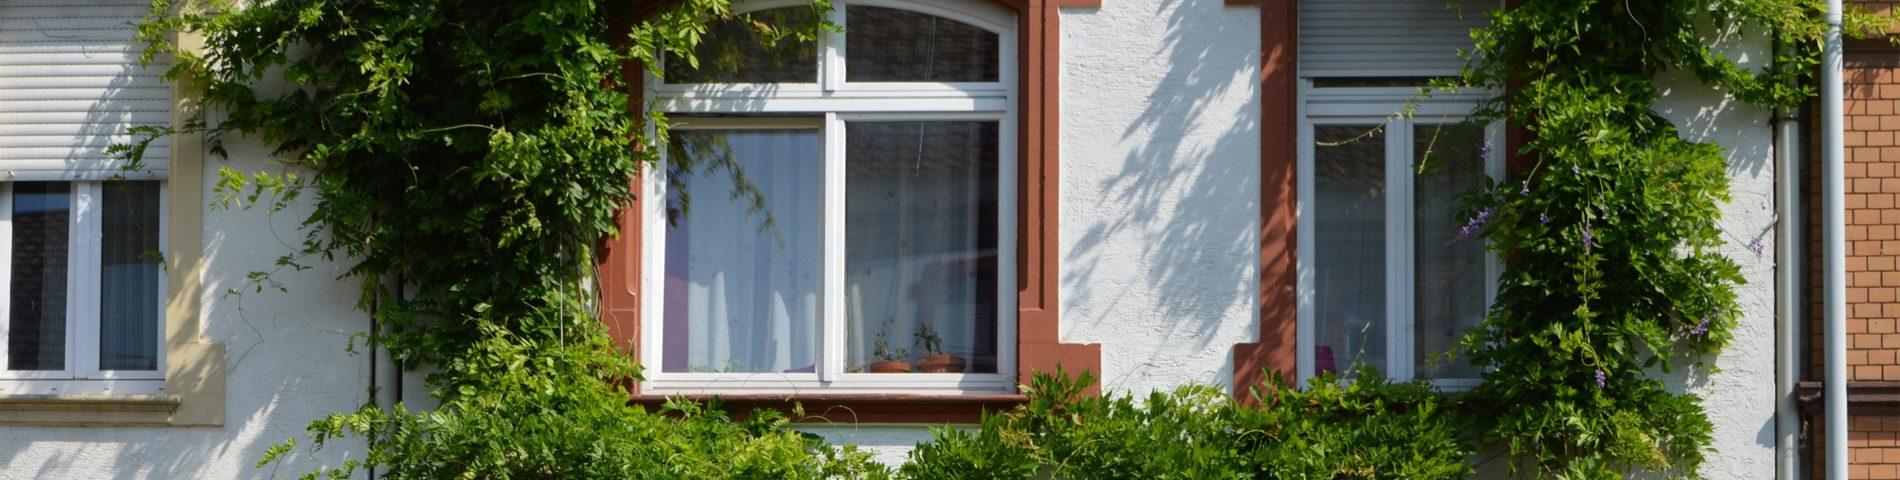 Fassadenbegrünung umrankt die Fenster eines Hauses